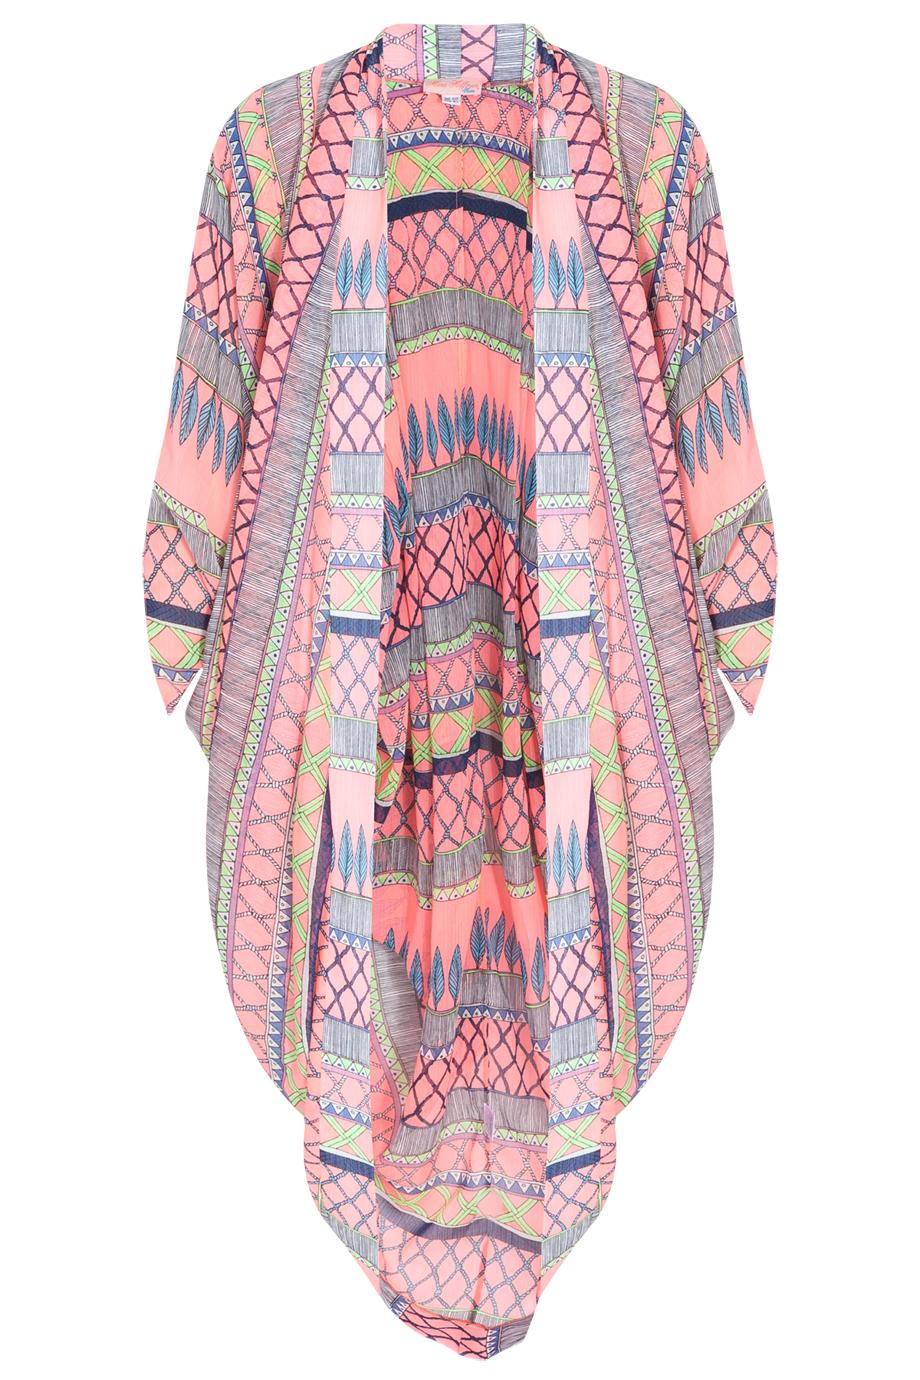 Mara hoffman Frida Chiffon Cocoon Kaftan in Pink | Lyst